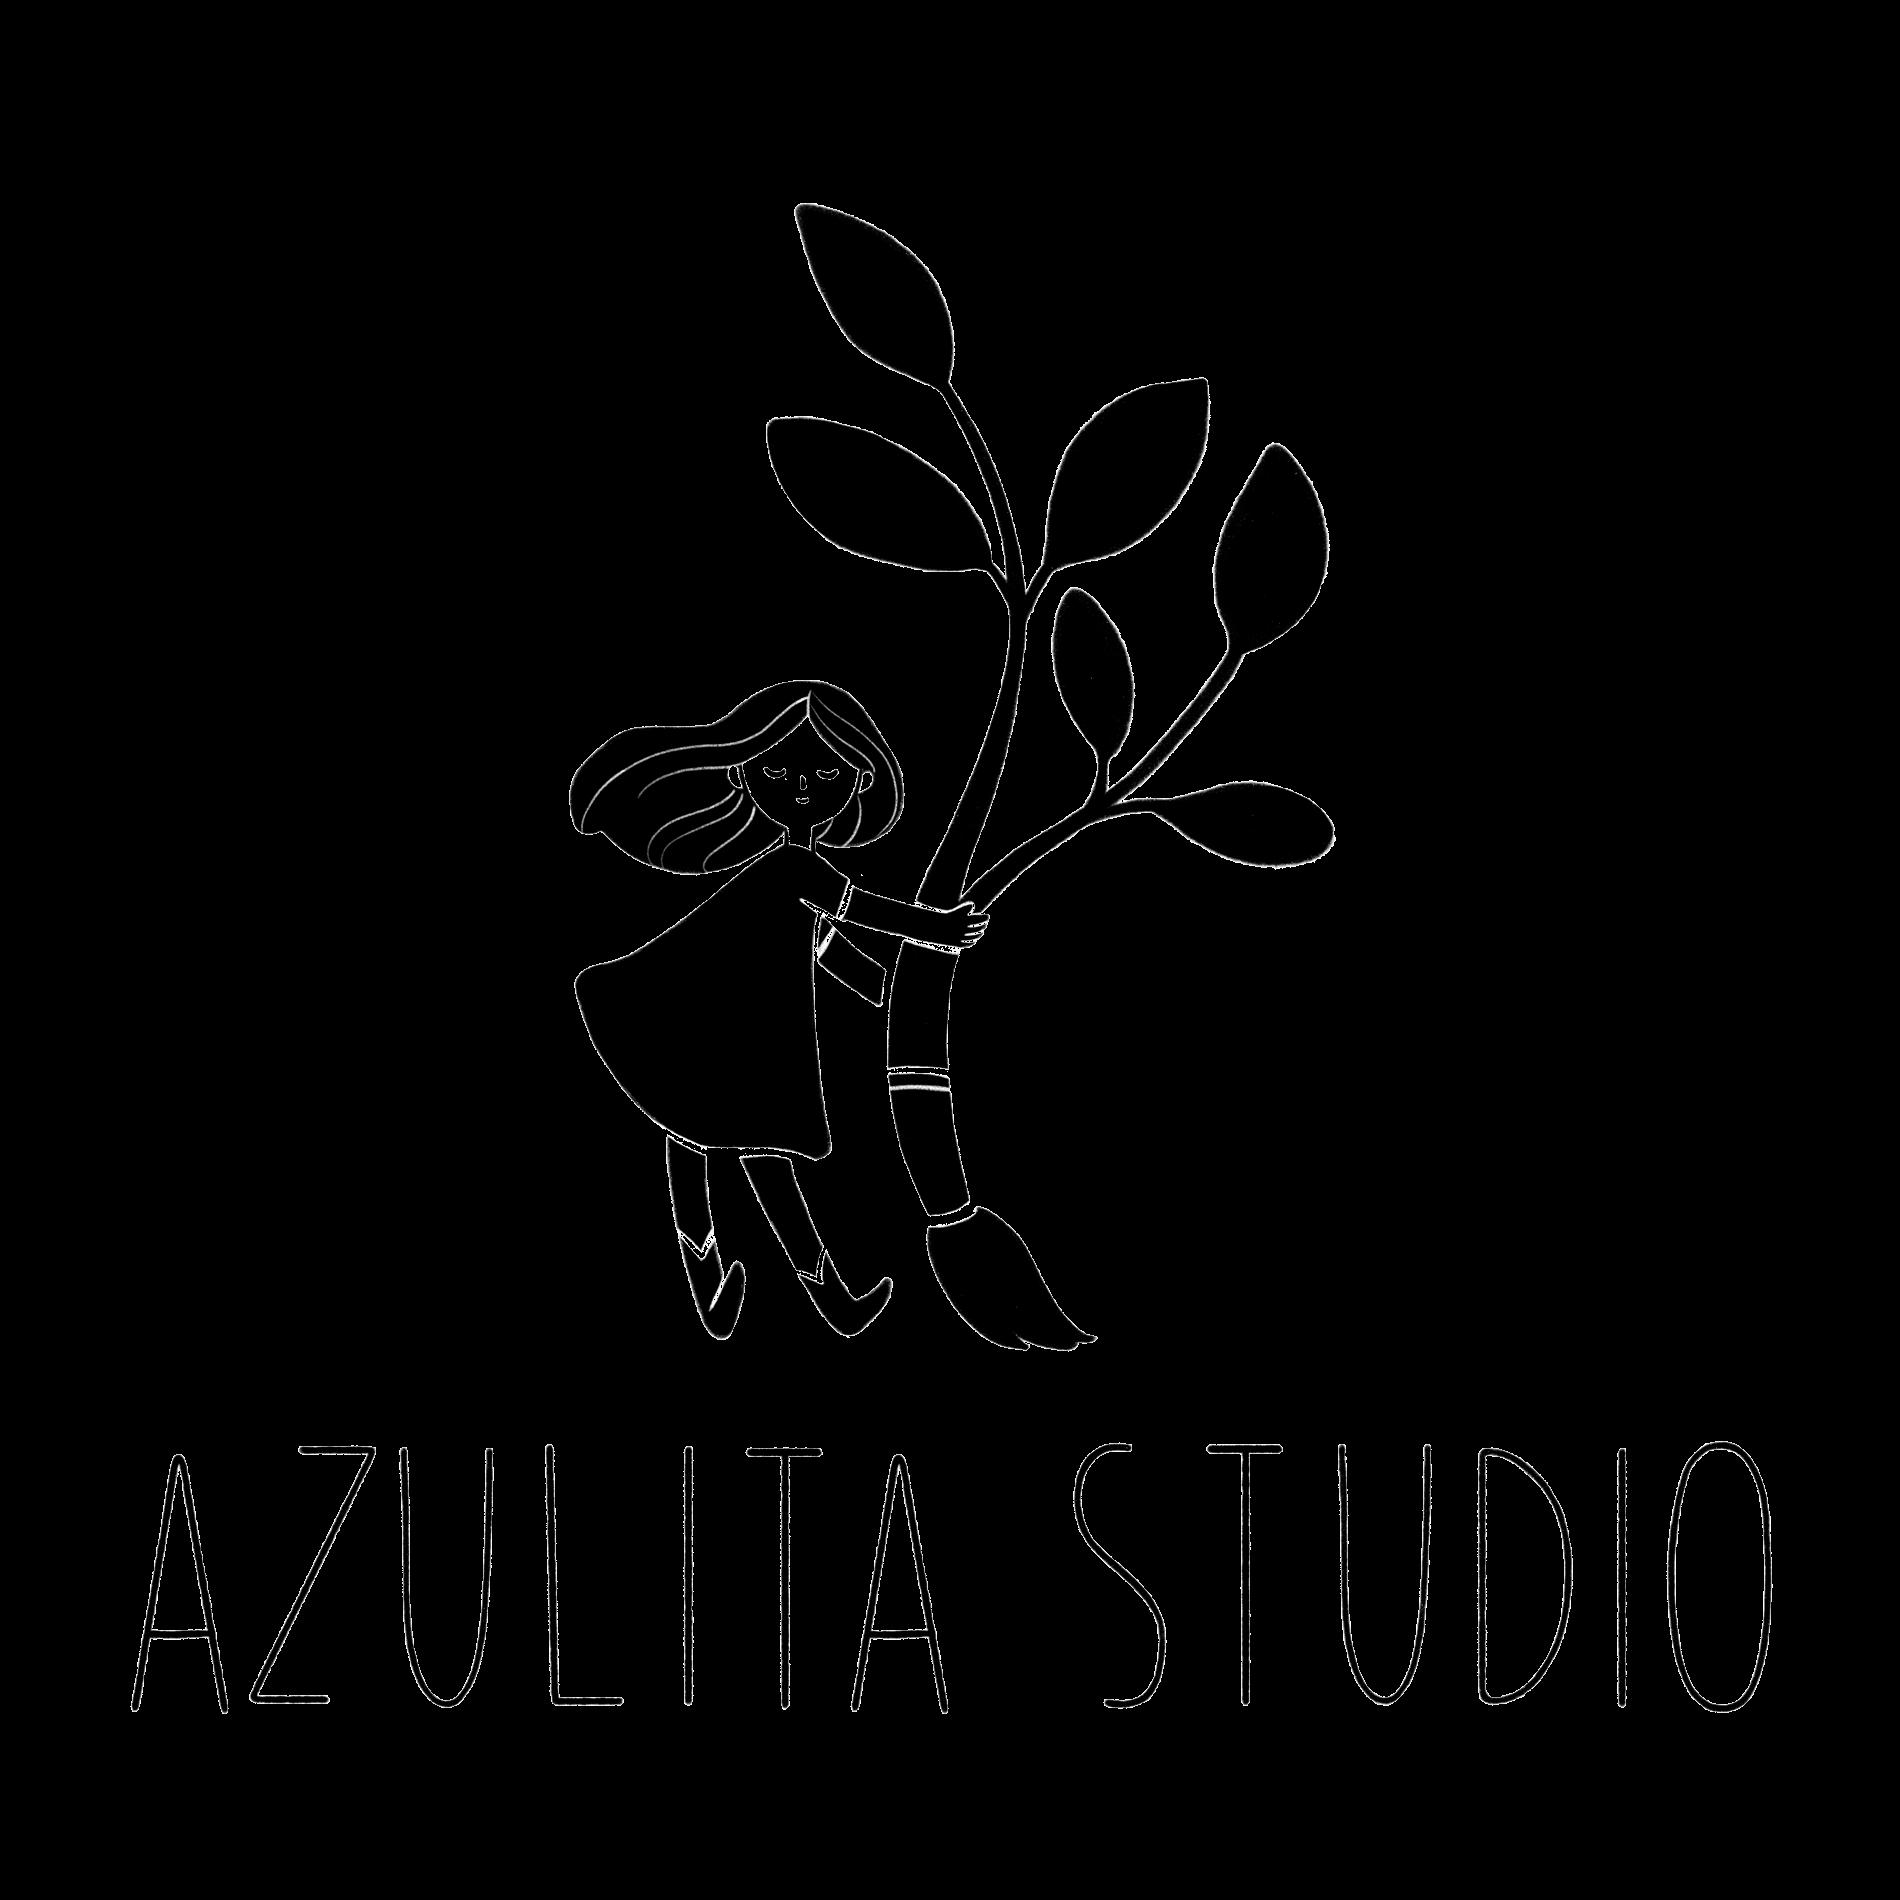 Azulita Studio